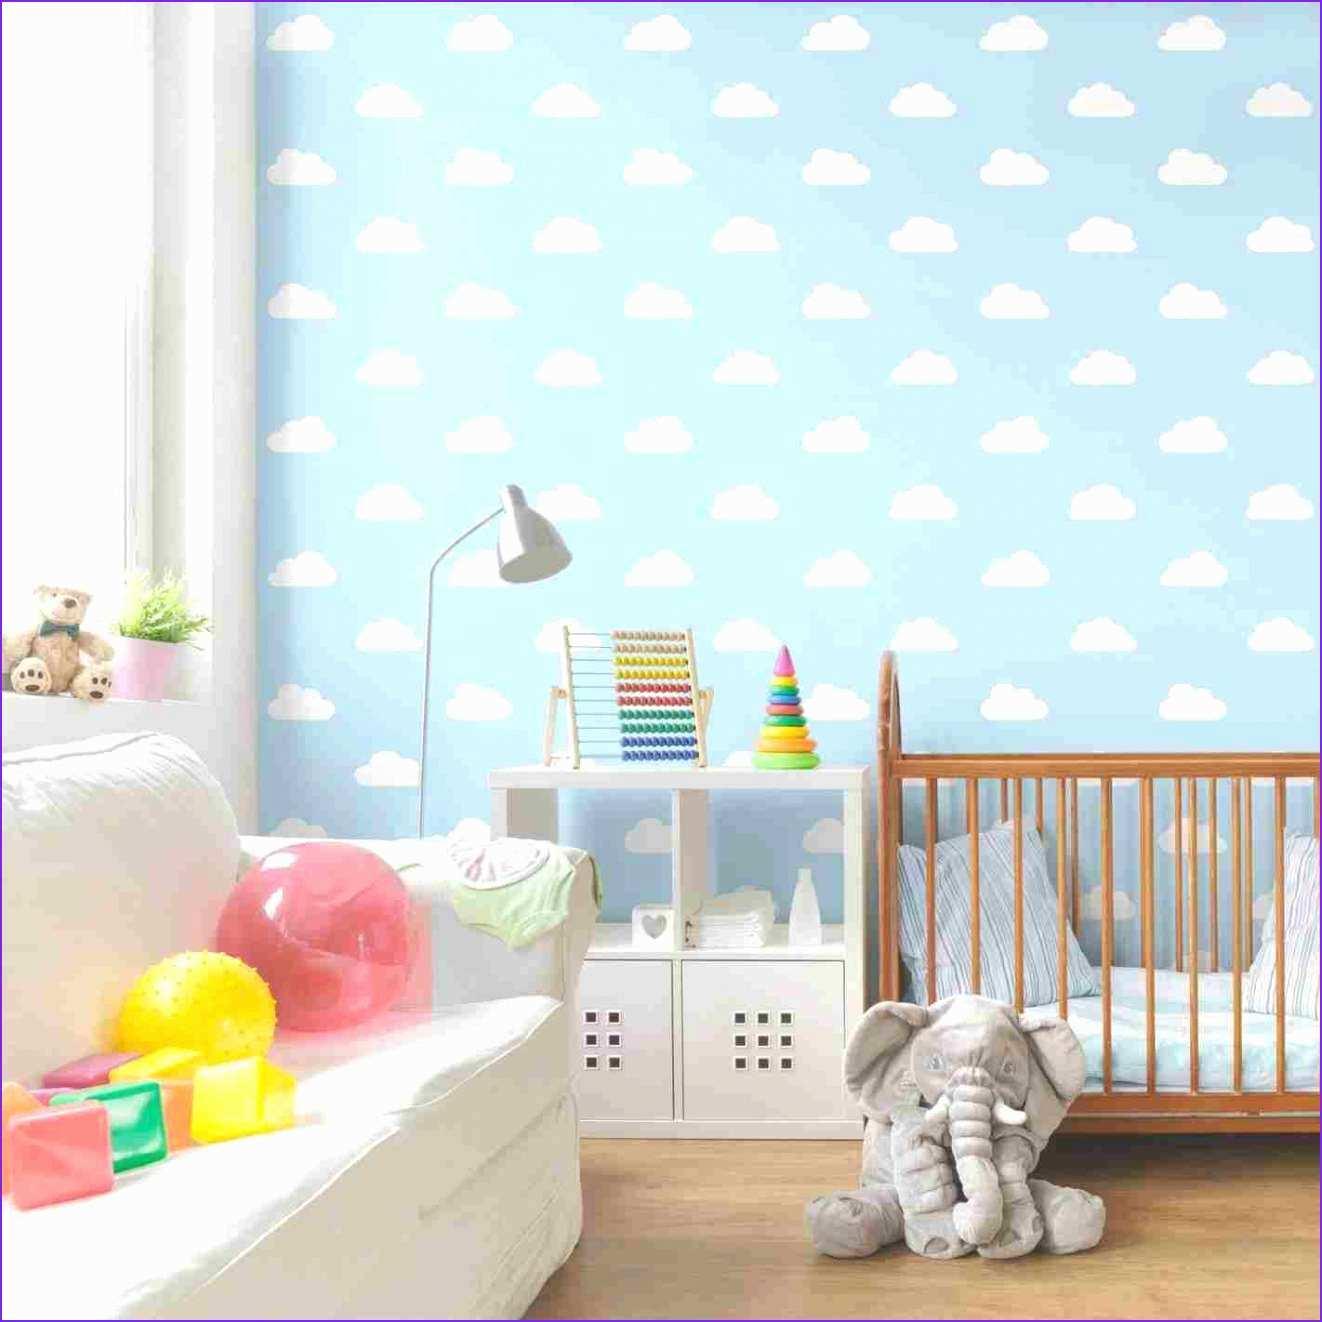 Full Size of Kinderzimmer Tapete Regal Weiß Tapeten Für Küche Regale Wohnzimmer Ideen Fototapete Fenster Die Sofa Modern Fototapeten Schlafzimmer Wohnzimmer Kinderzimmer Tapete